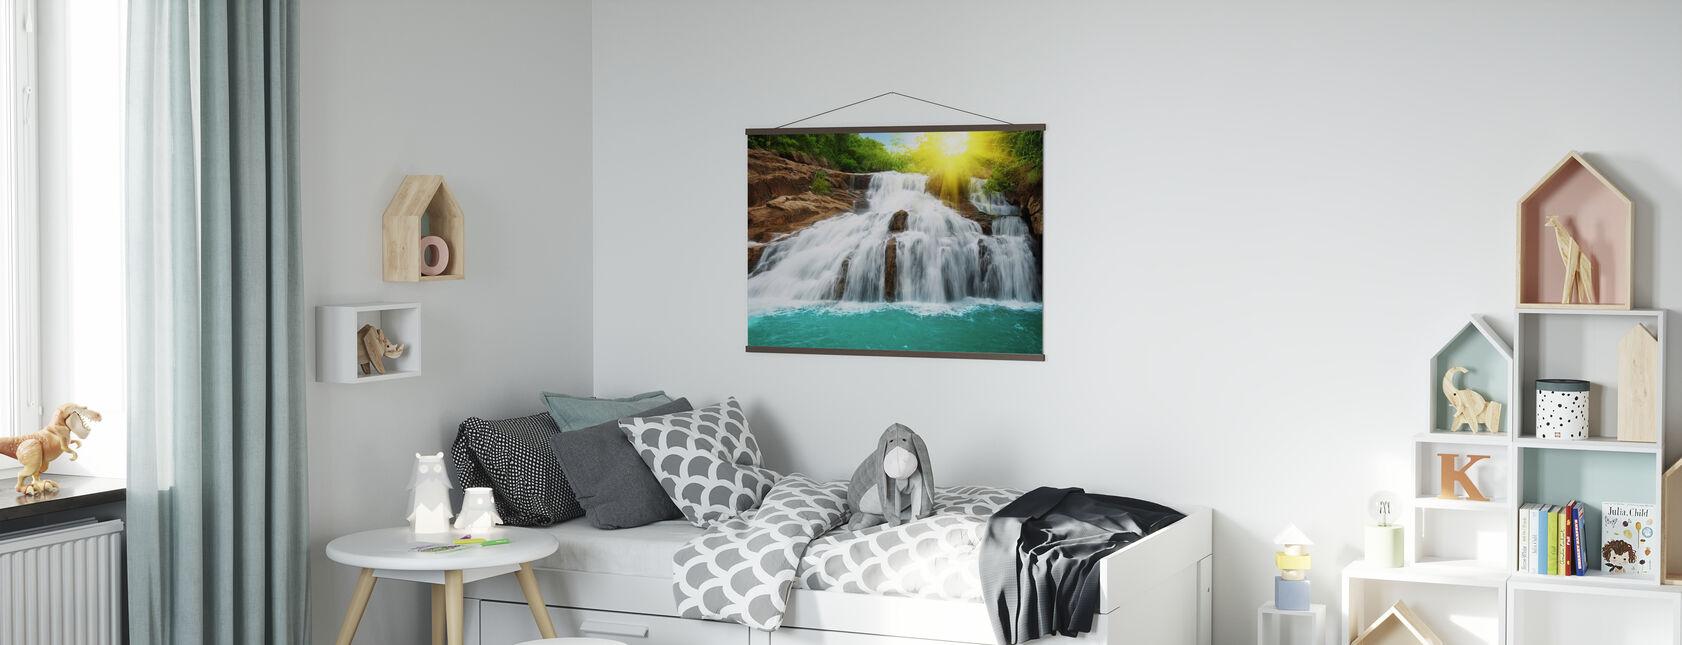 Cascata nella foresta pluviale e luce del sole - Poster - Camera dei bambini